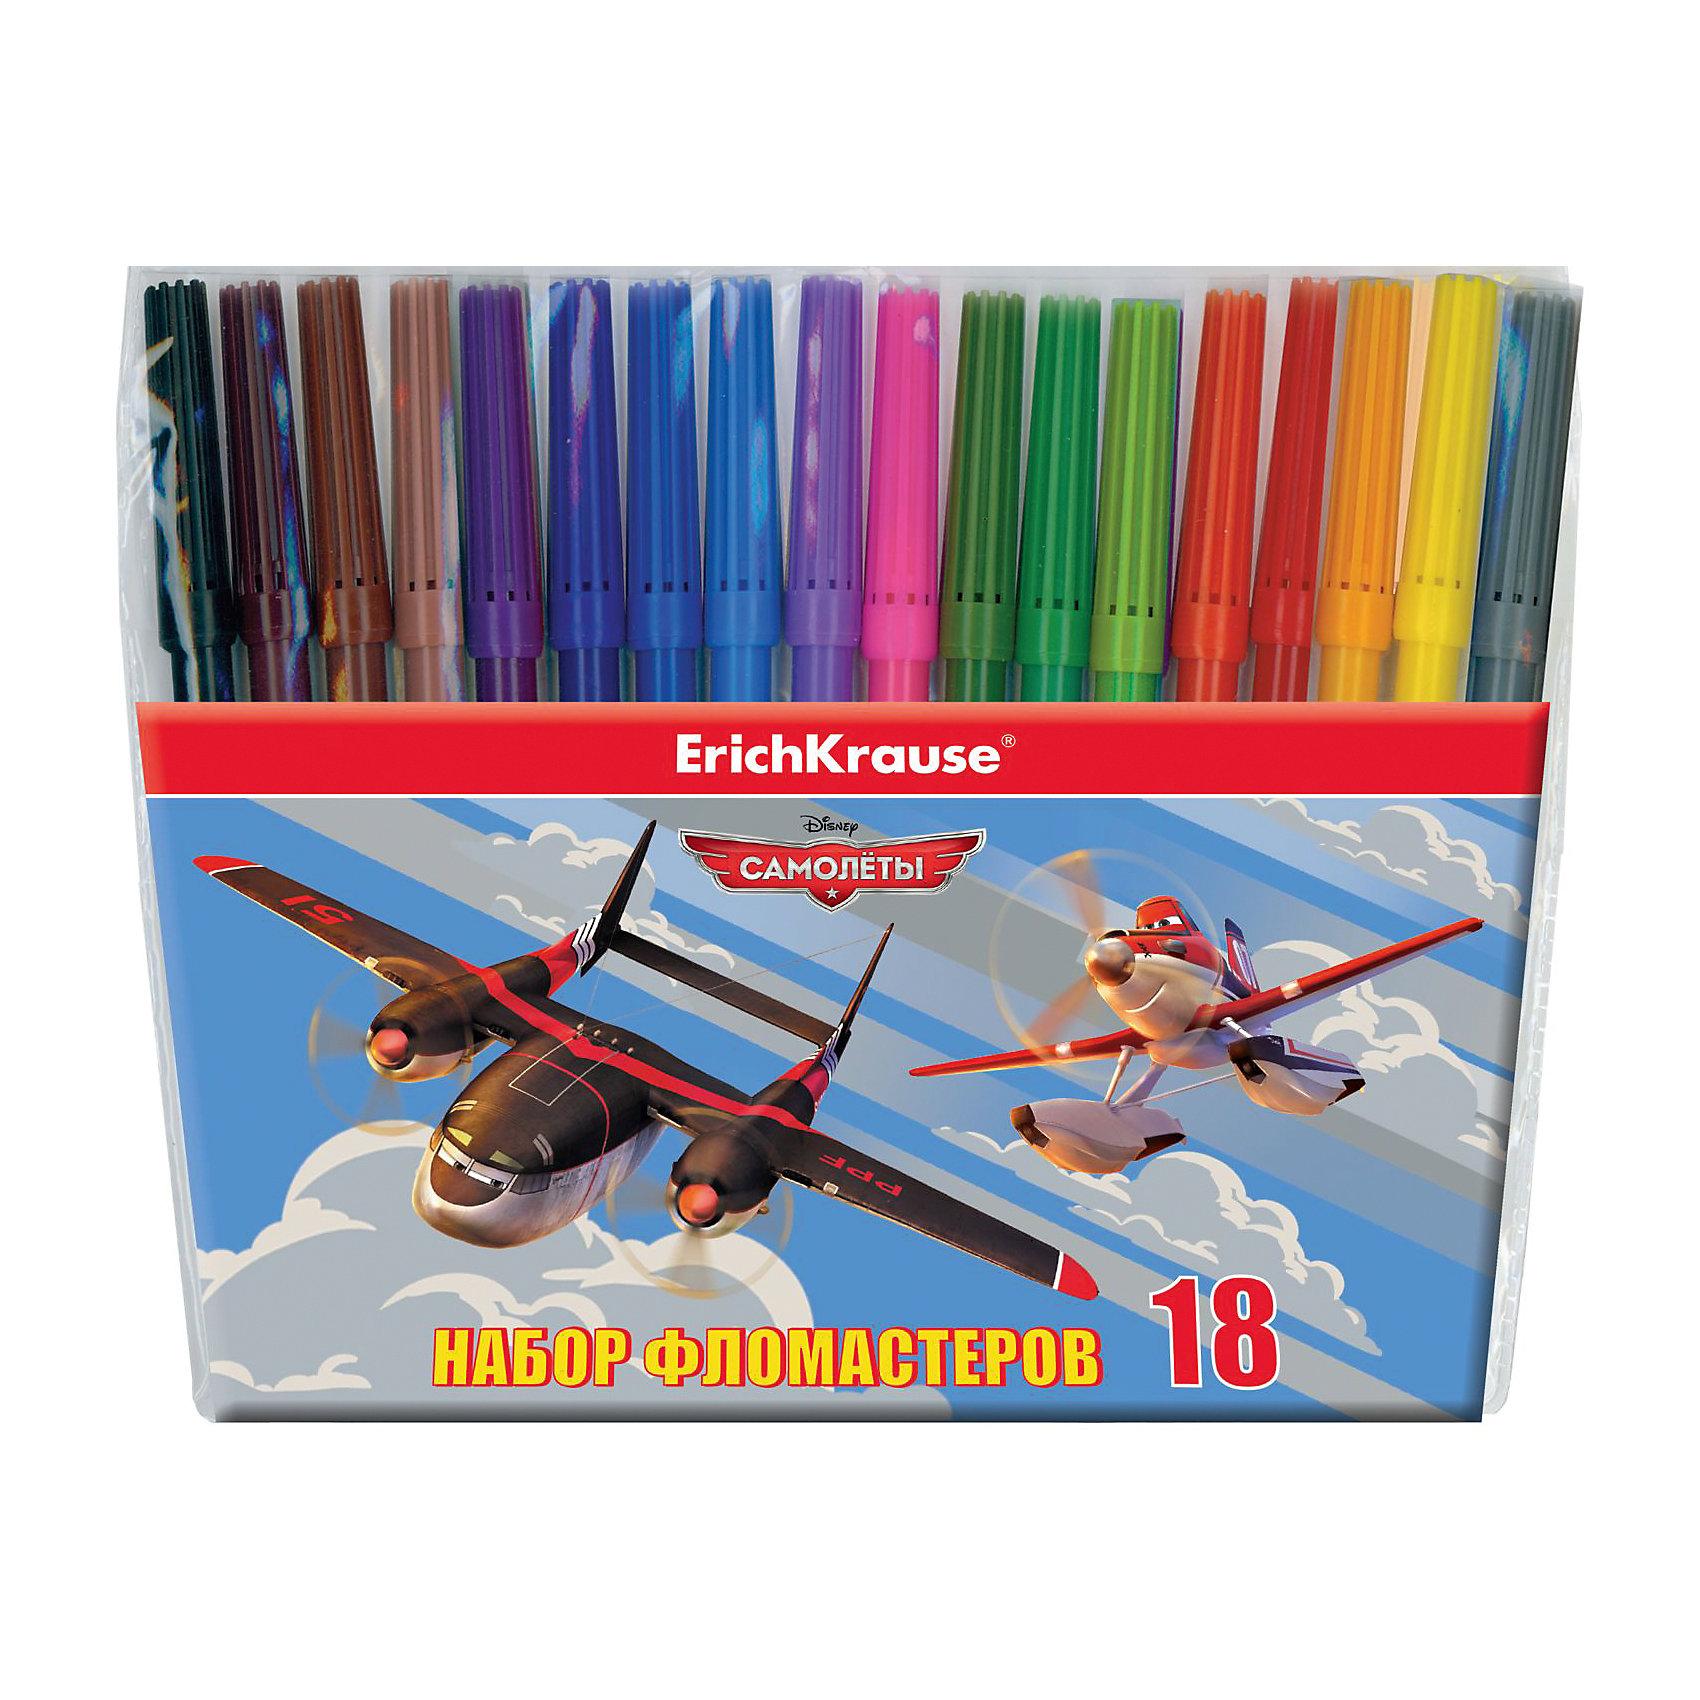 Фломастеры Flying Planes, 18 цветовПисьменные принадлежности<br>Характеристики товара:<br><br>• материал упаковки: пластик <br>• количество цветов: 18<br>• вентилируемый колпачок<br>• возраст: от 3 лет<br>• габариты упаковки: 17,9х17,2х1,2 см<br>• вес: 123 г<br>• страна производитель: Россия<br><br>Здоровое развитие ребенка невозможно без включения творческой программы в его дошкольное обучение. Рисование фломастерами – отличная возможность развить в малыше фантазию и нестандартное мышление. У фломастеров вентилируемый колпачок в целях безопасности.!<br><br>Фломастеры Flying Planes, 18 цветов, можно купить в нашем интернет-магазине.<br><br>Ширина мм: 179<br>Глубина мм: 172<br>Высота мм: 12<br>Вес г: 123<br>Возраст от месяцев: 36<br>Возраст до месяцев: 2147483647<br>Пол: Мужской<br>Возраст: Детский<br>SKU: 5409269